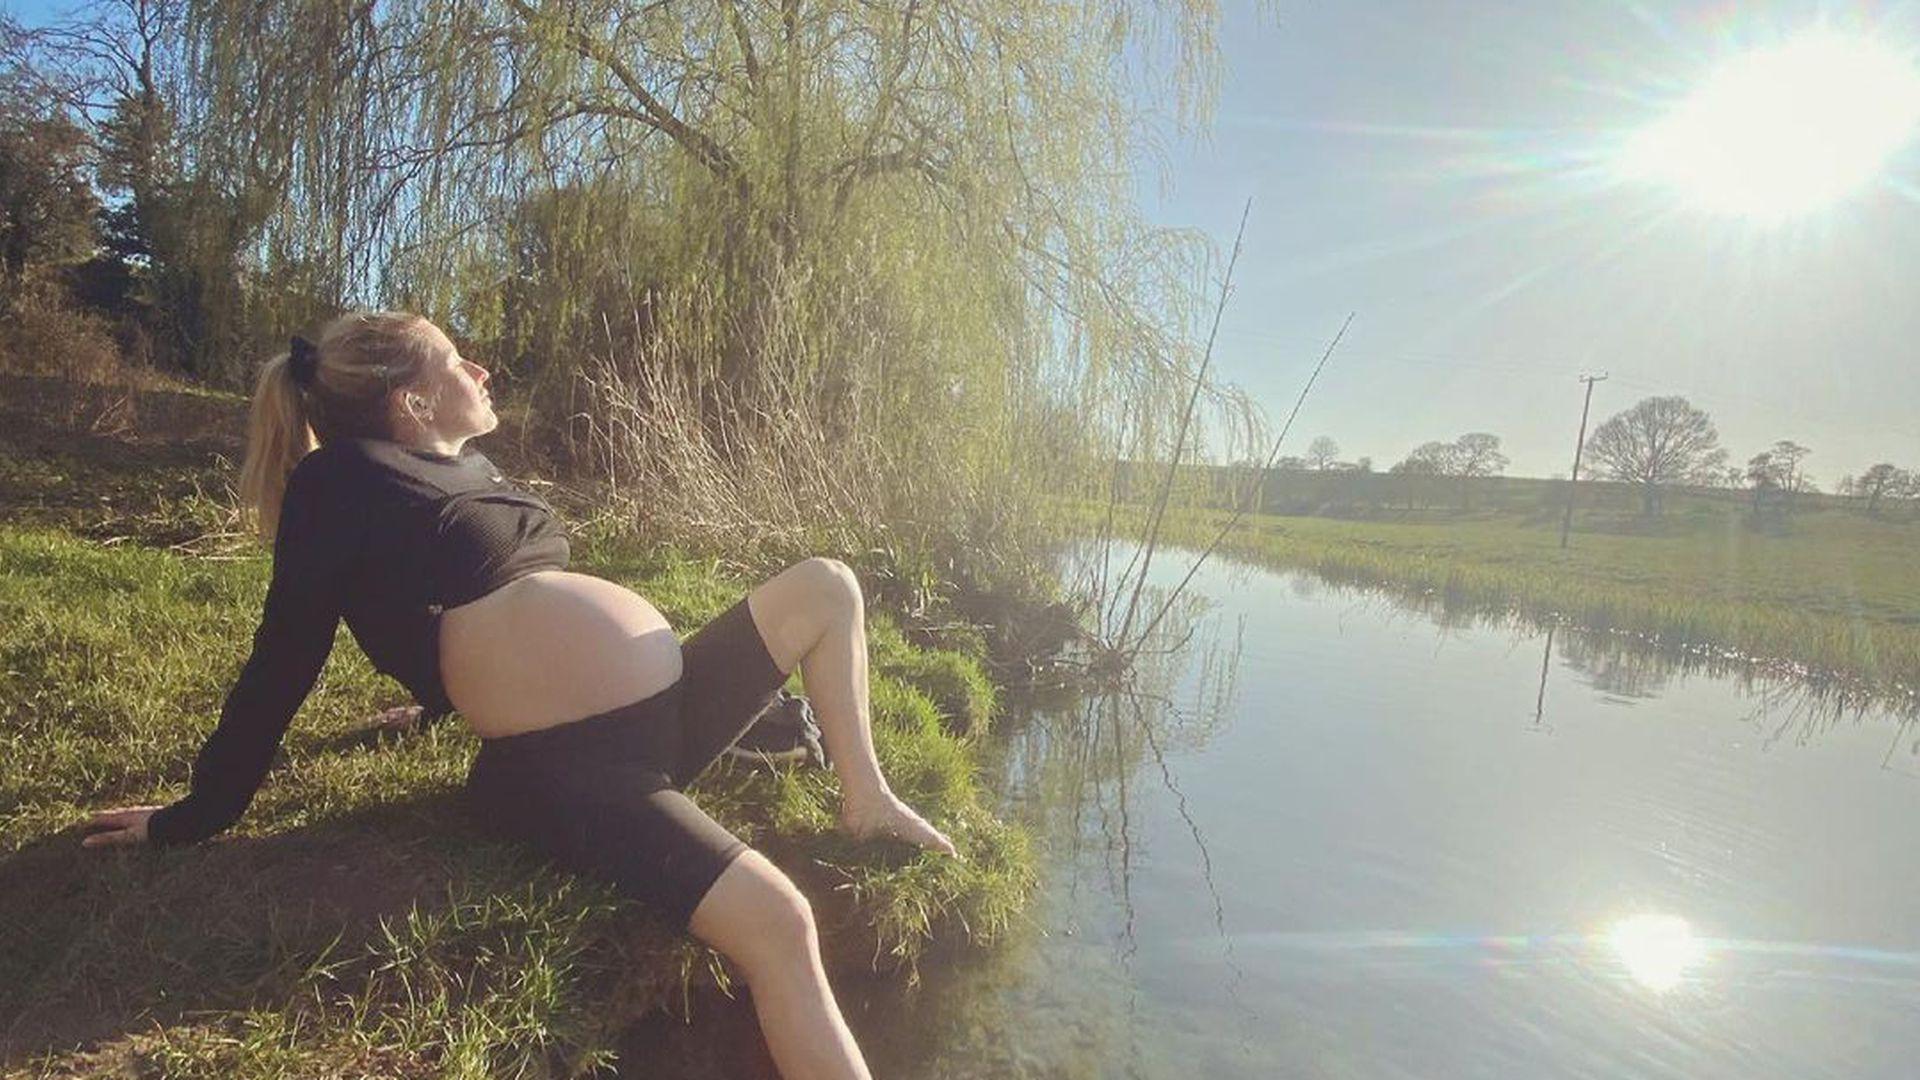 Private-Aufnahme-Ellie-Goulding-zeigt-ihre-XXL-Babykugel